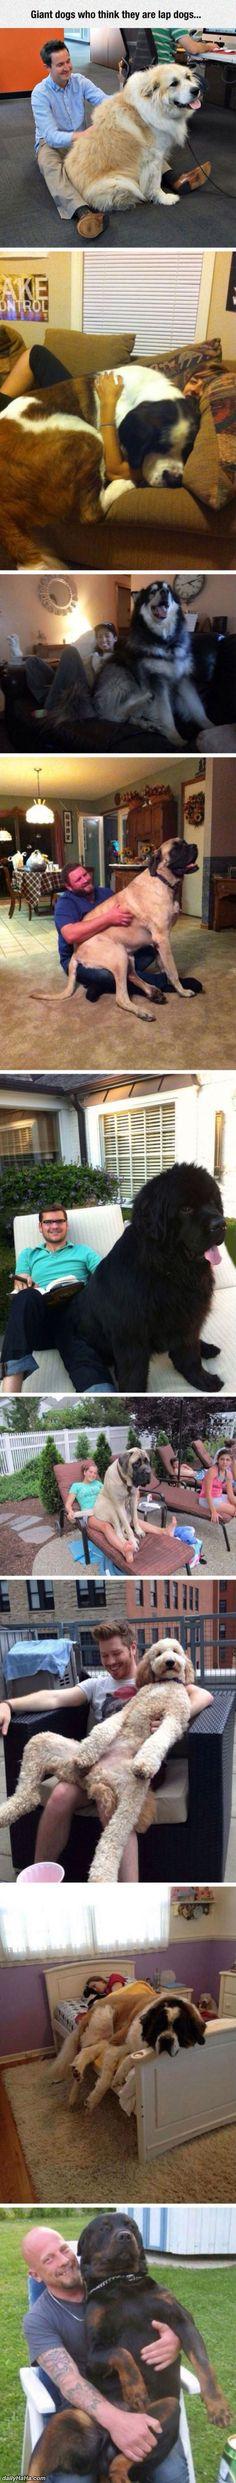 nice Big Lap Dogs